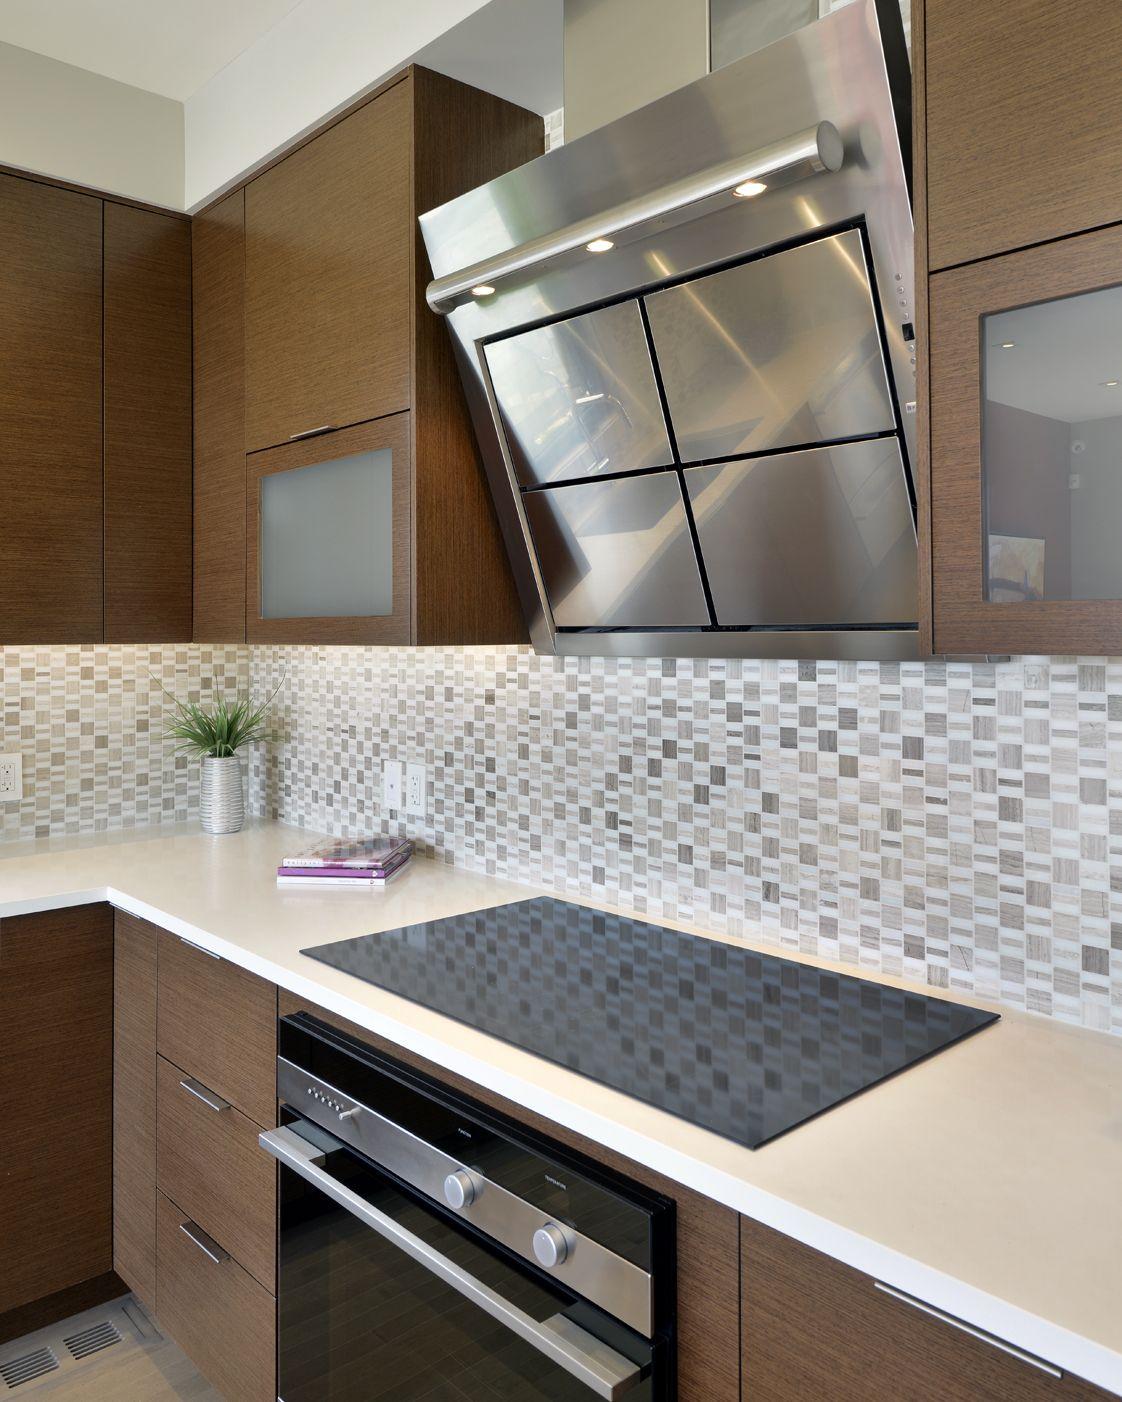 41 tall upper kitchen cabinets upper kitchen cabinets model homes new homes on kitchen cabinets upper id=40743